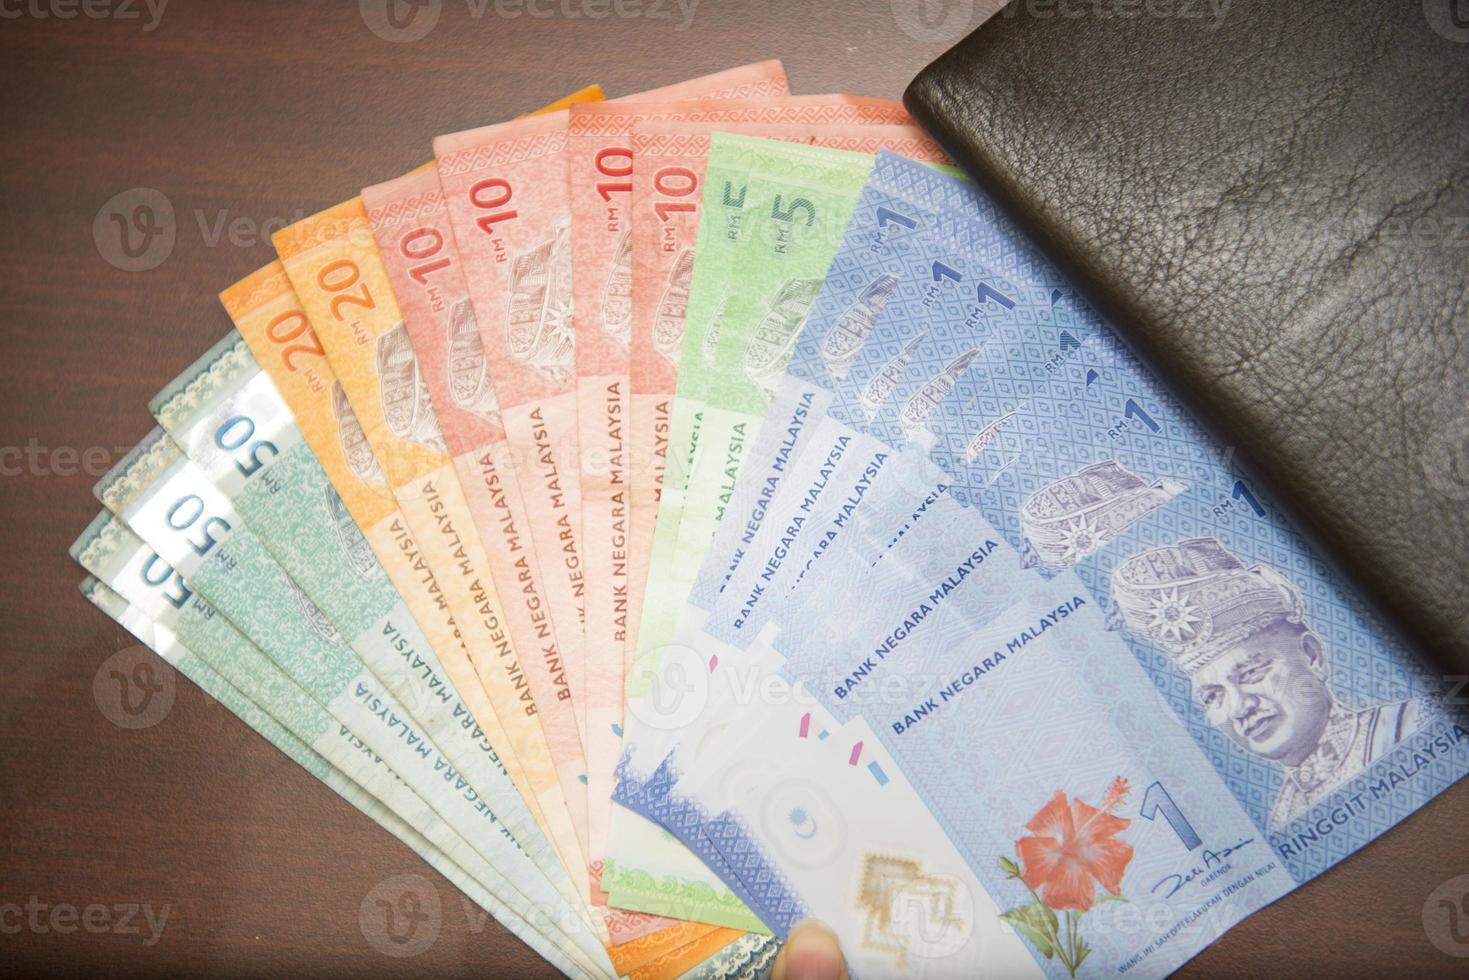 notas de dinheiro da malásia com carteira marrom foto